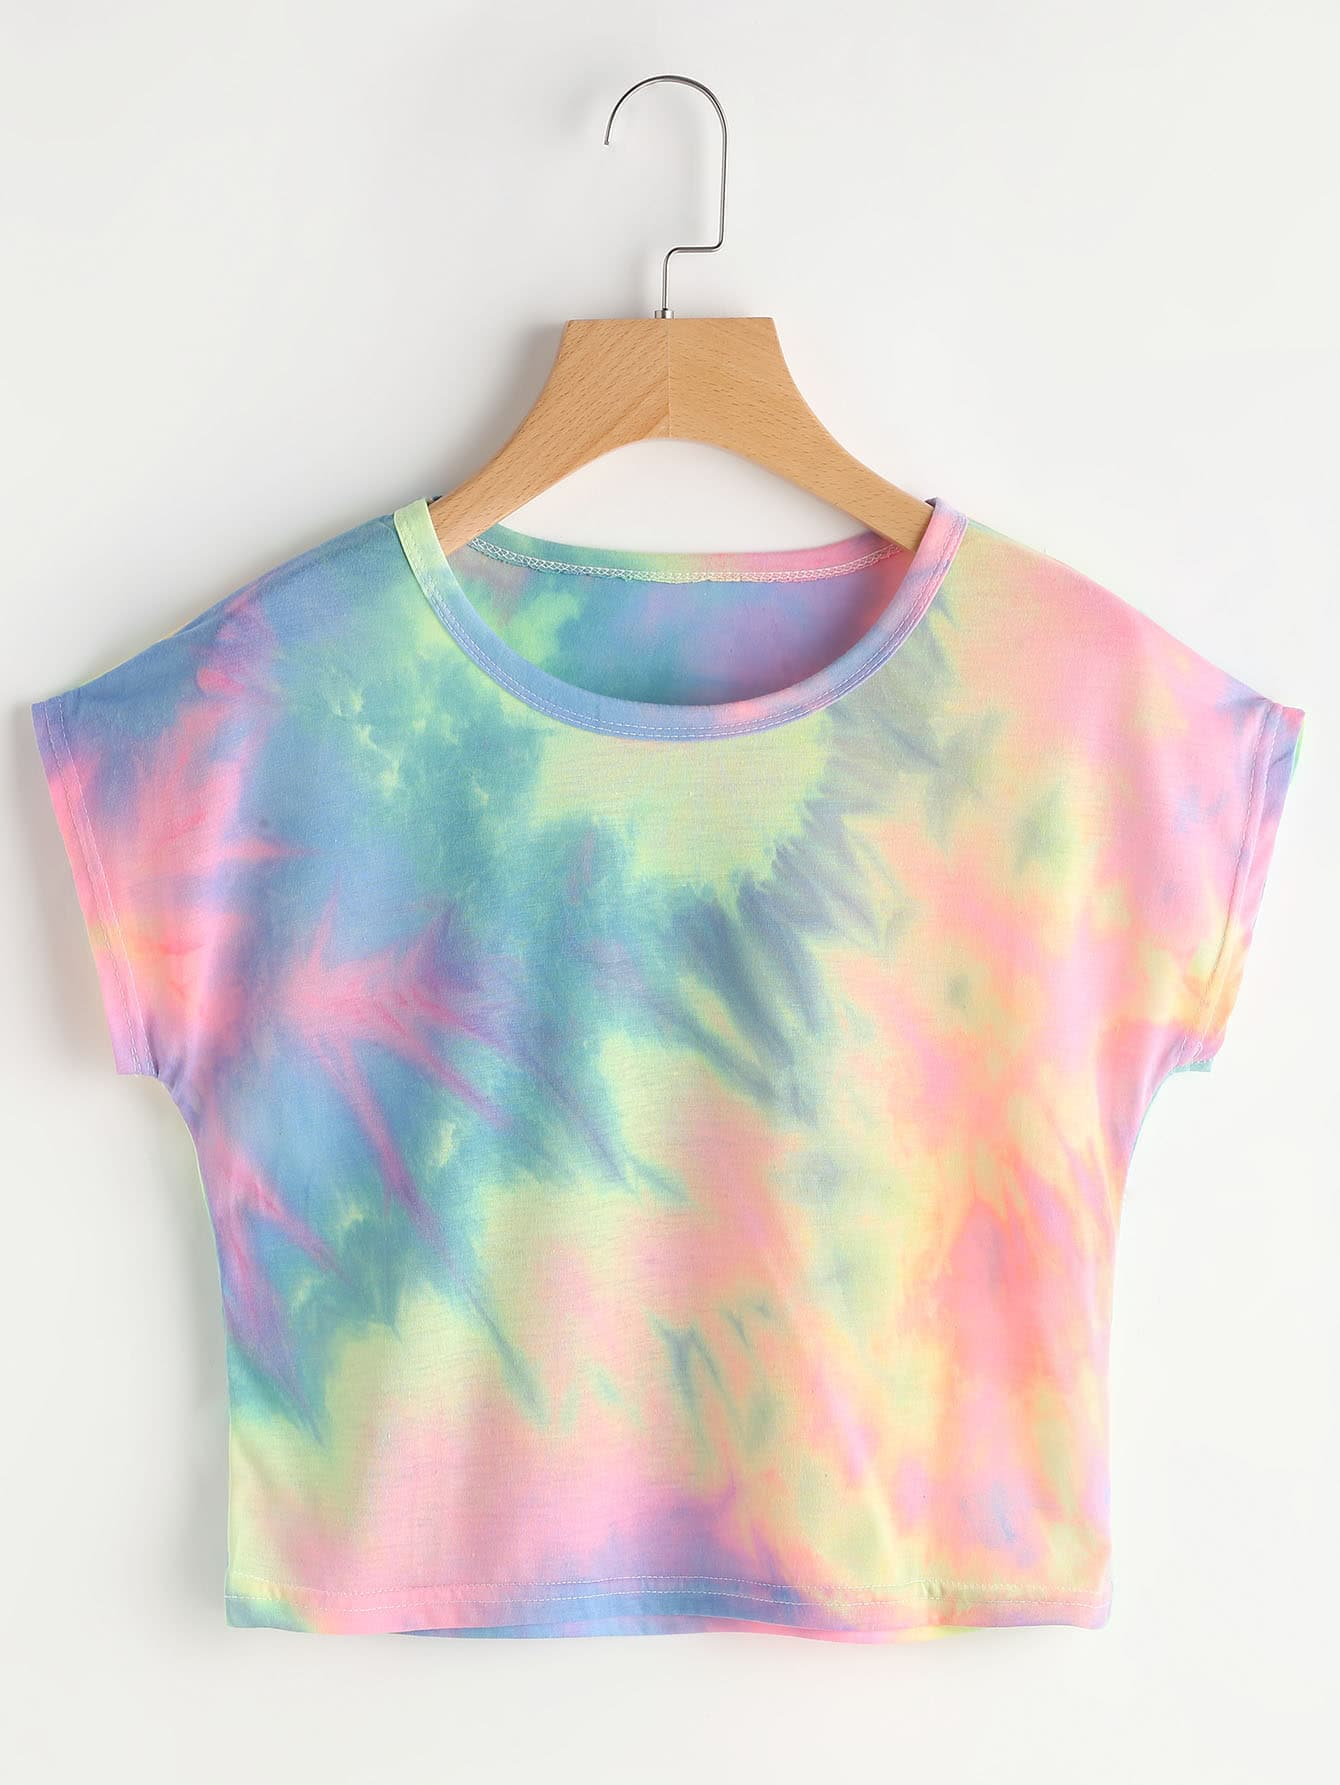 camiseta de manga murci u00e9lago con estampado de acuarela